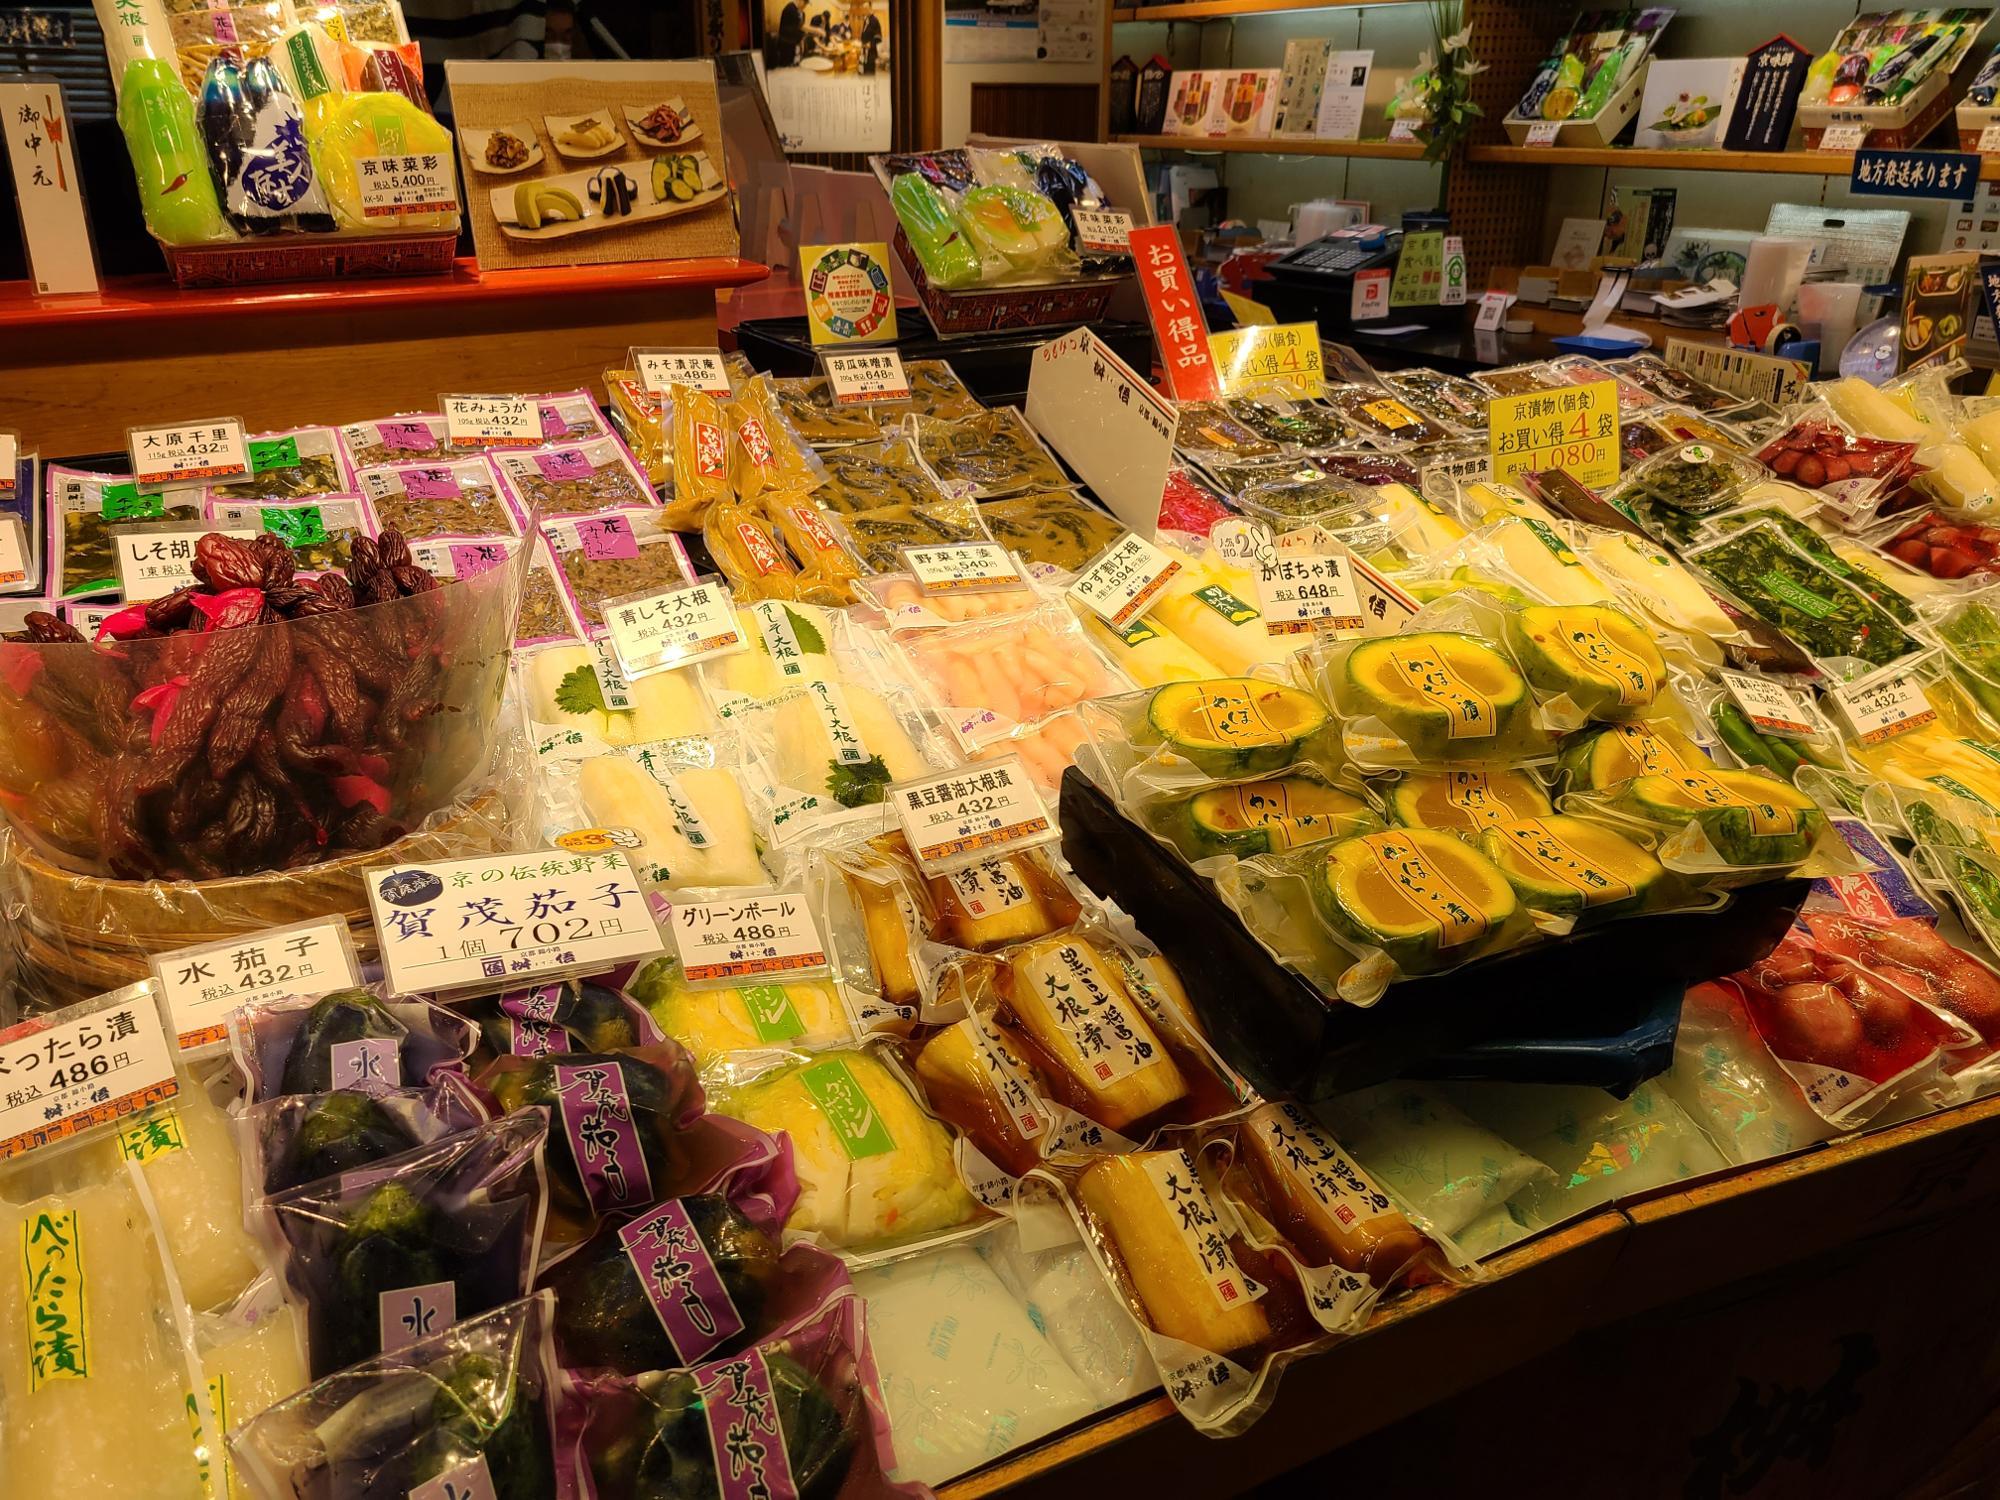 錦市場「桝悟」のラインナップ どれも美味しそう